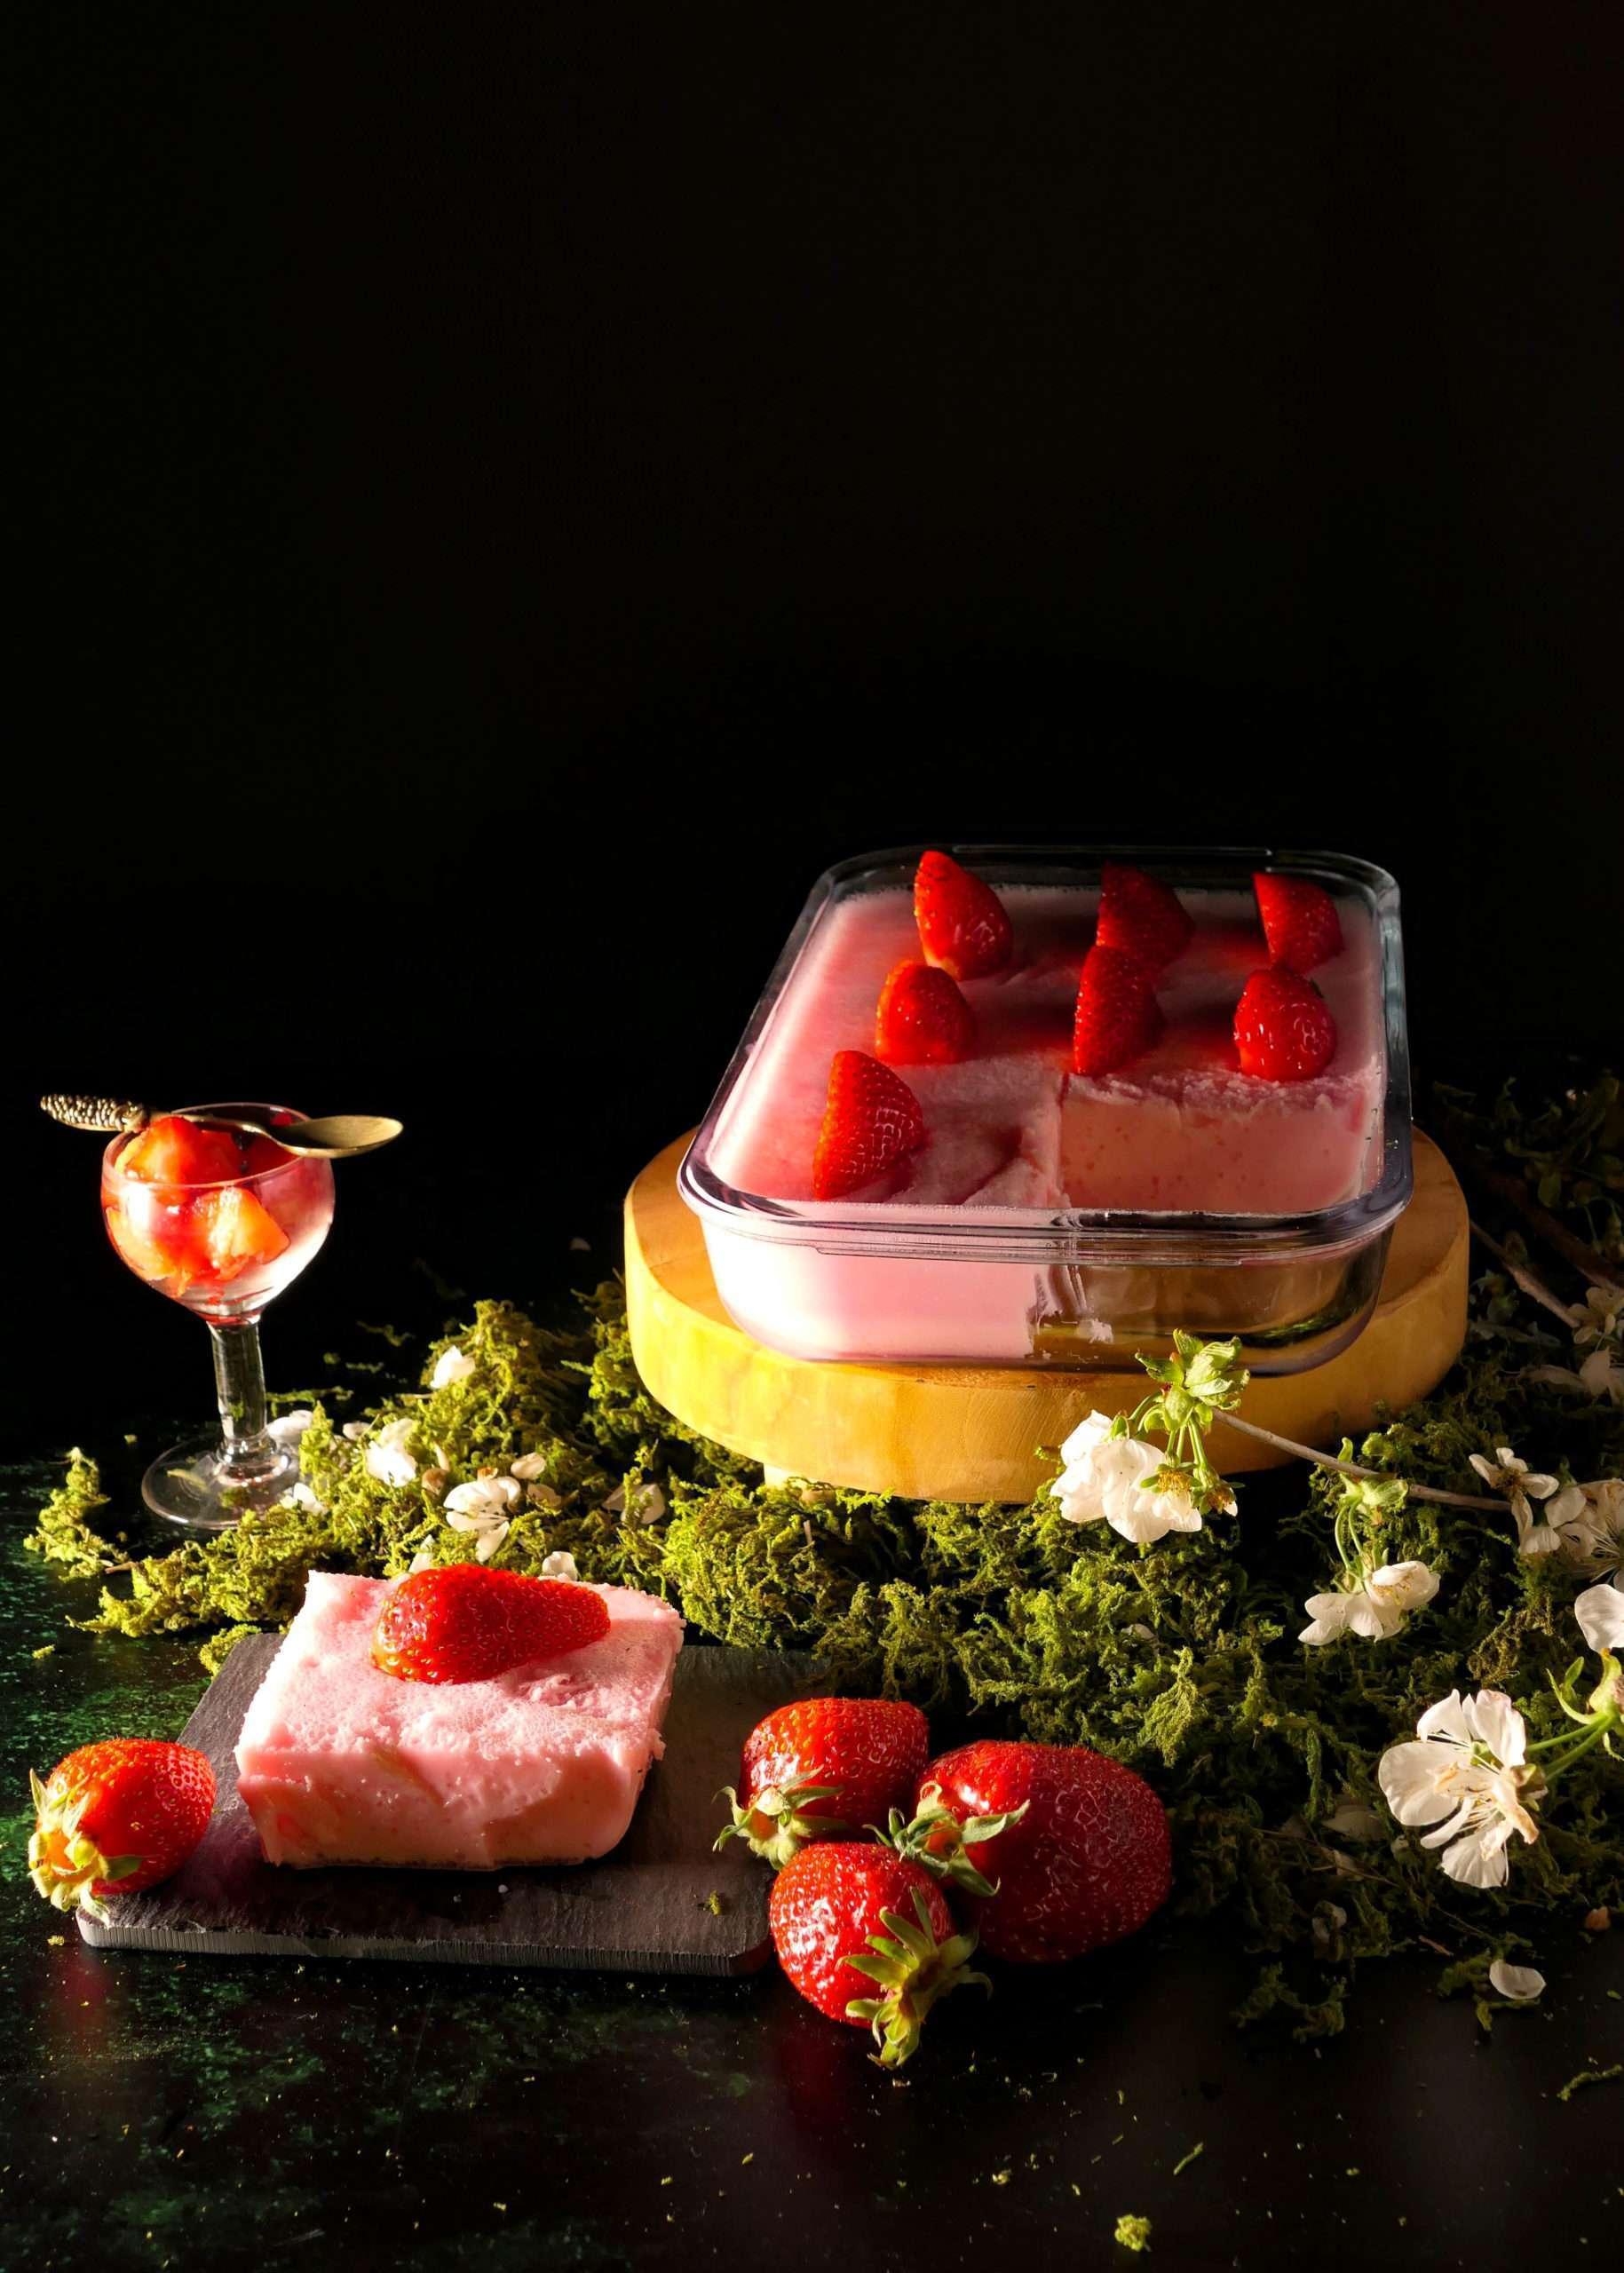 un plat avec un gâteau à la gelatine, du yaourt et des fraises